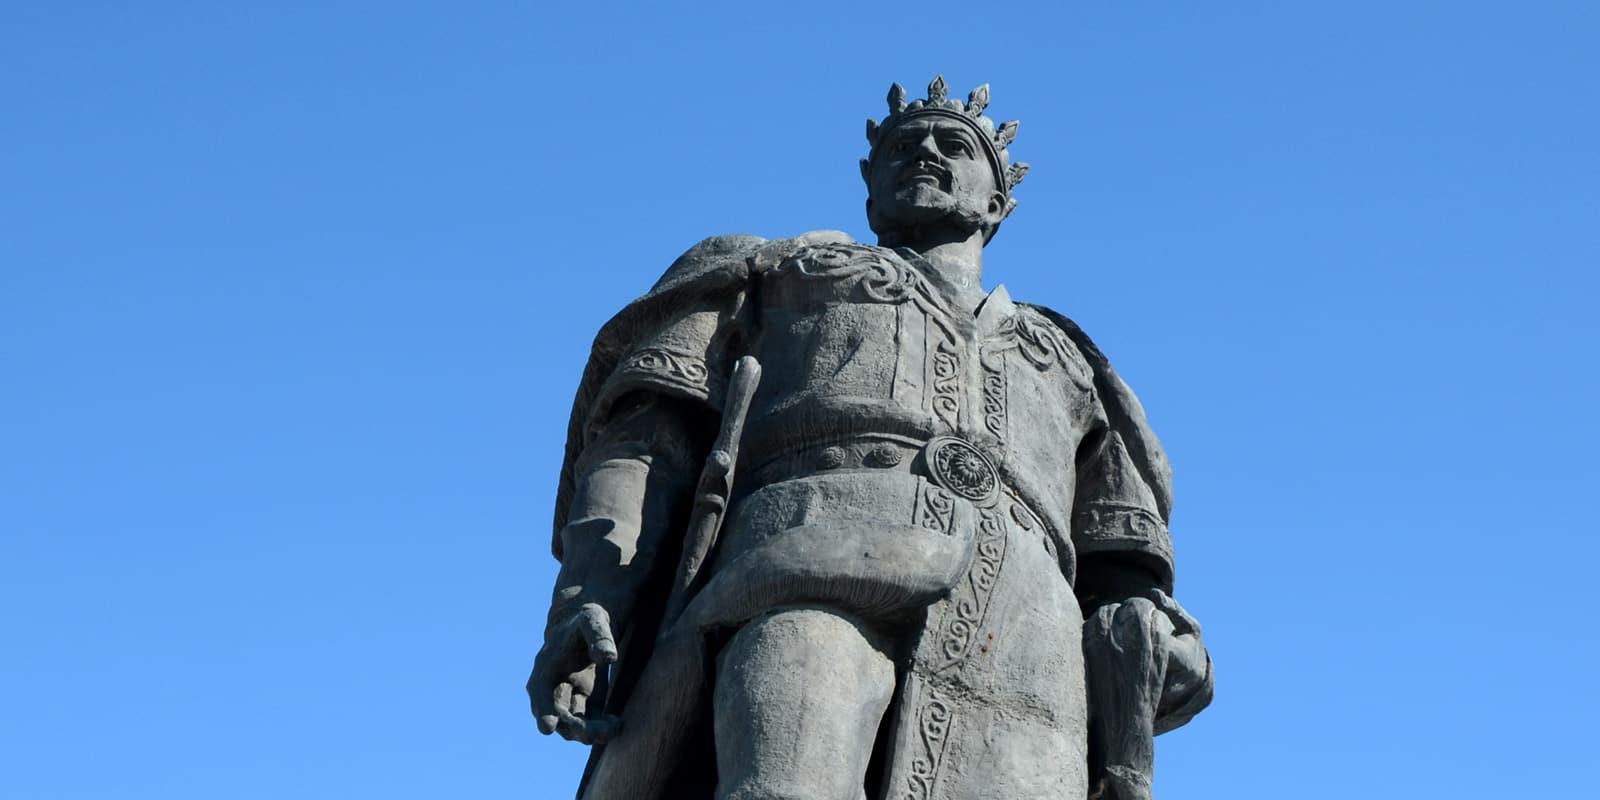 Timur statue Uzbekistan